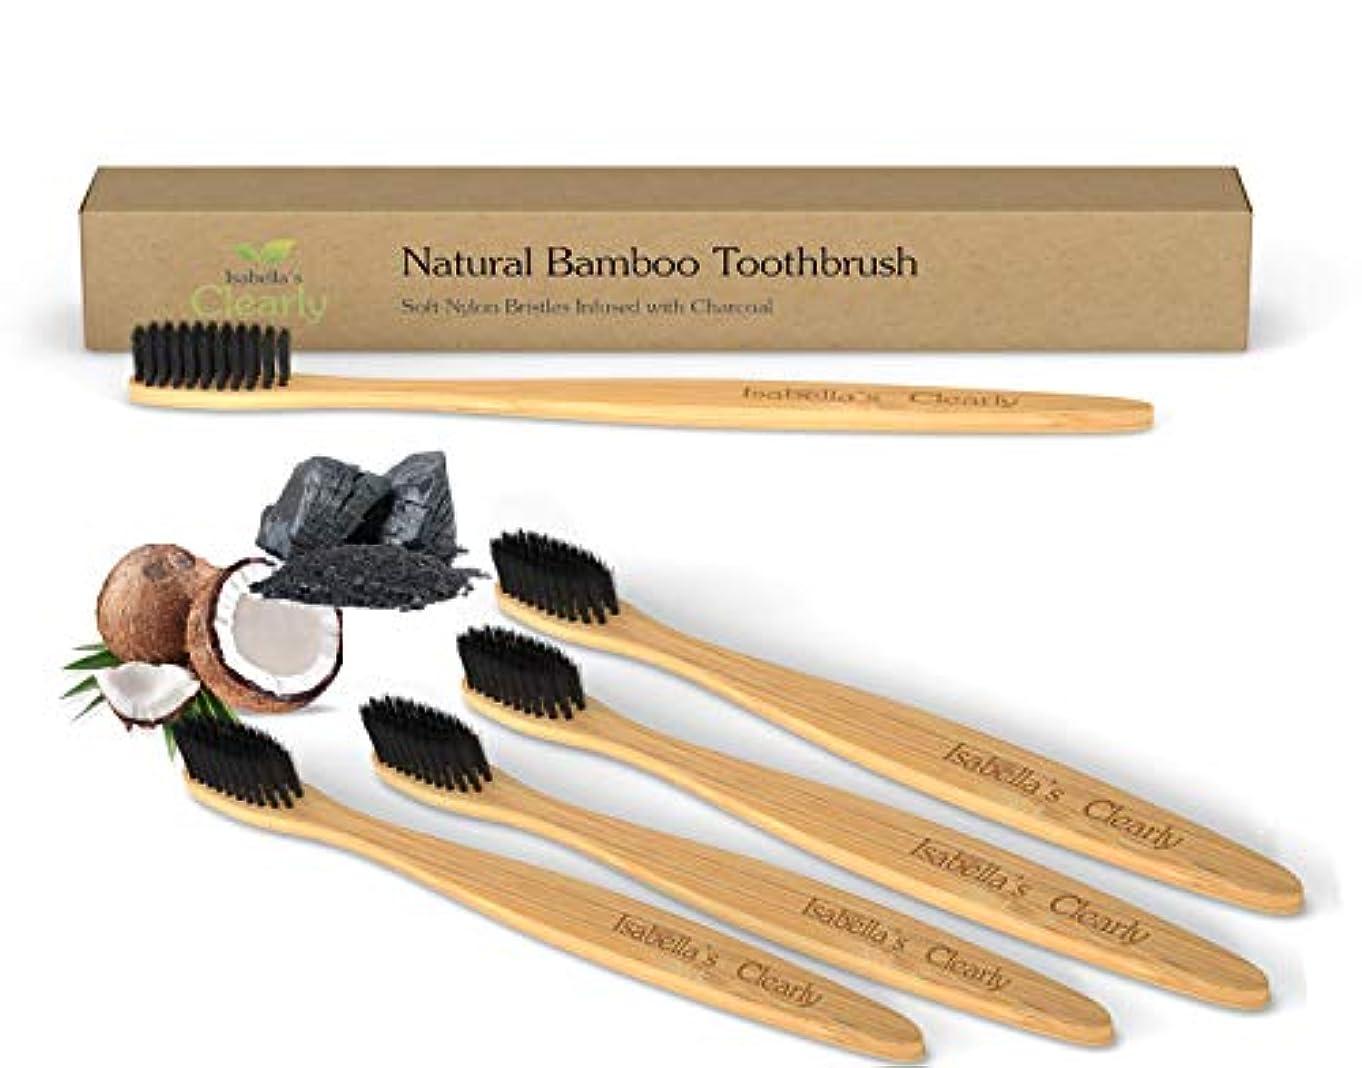 おもしろい決定する独裁Isabella's Clearly 竹の歯ブラシ、優しく柔らかな木炭注入されたナイロン製のBPAフリーの毛、天然有機材料 4